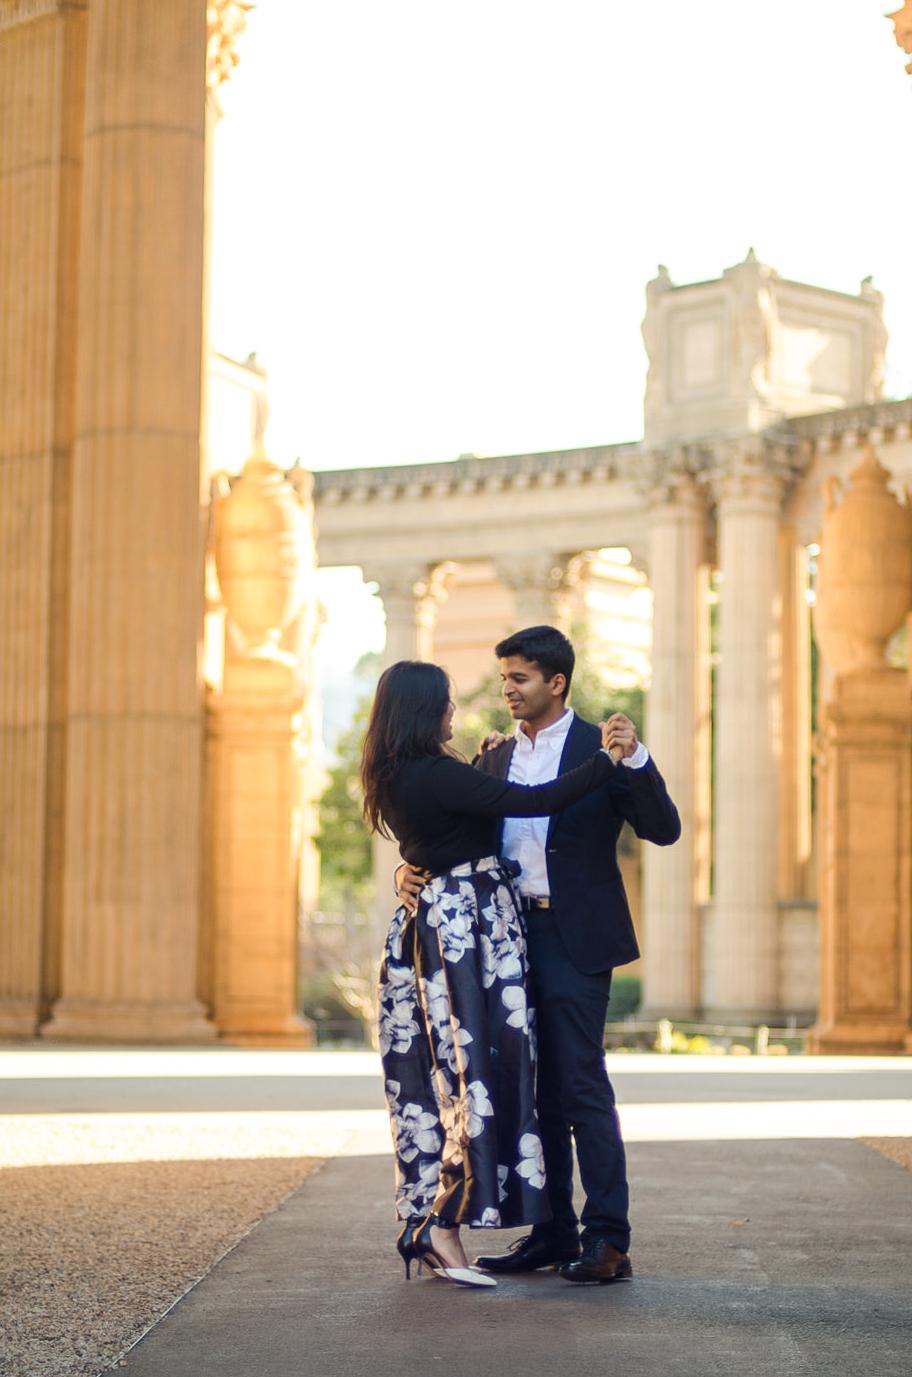 Abi & Shruthi Engagement-19-2.jpg